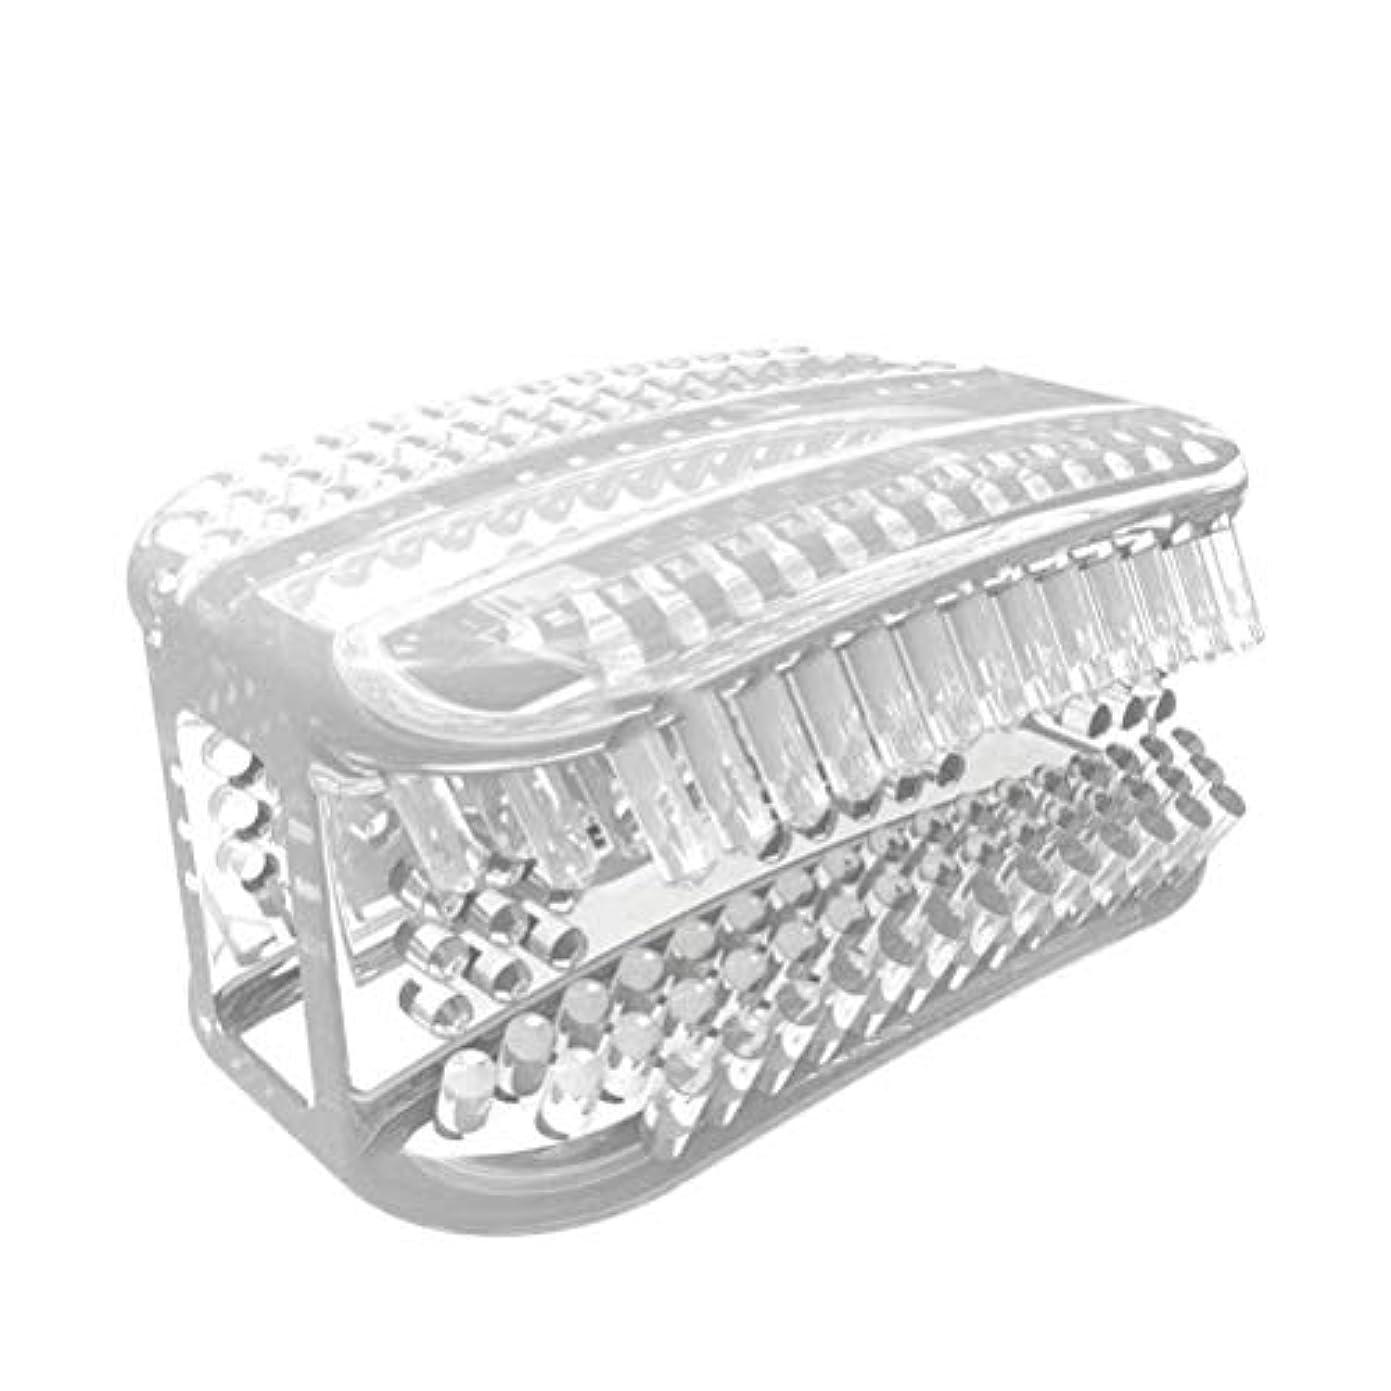 ナンセンス補助令状Healifty 携帯用咀嚼歯ブラシ360度怠惰な歯ブラシ手動歯ブラシ